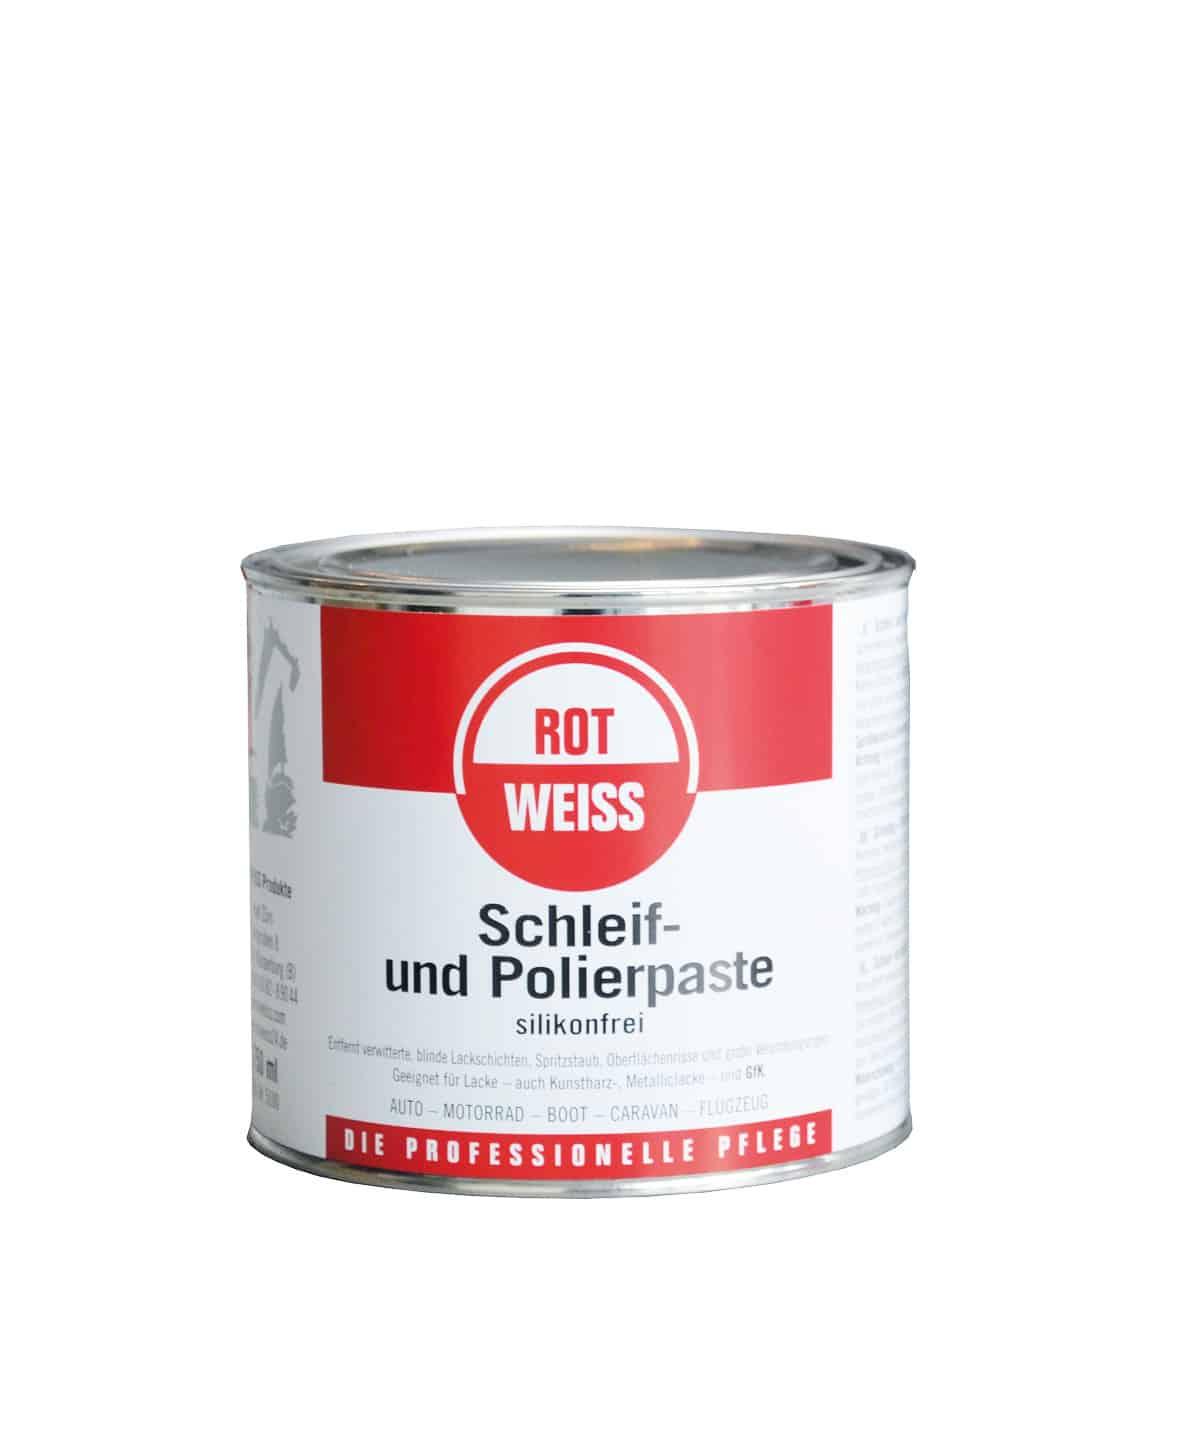 rotweiss schleif und polierpaste deutsche. Black Bedroom Furniture Sets. Home Design Ideas